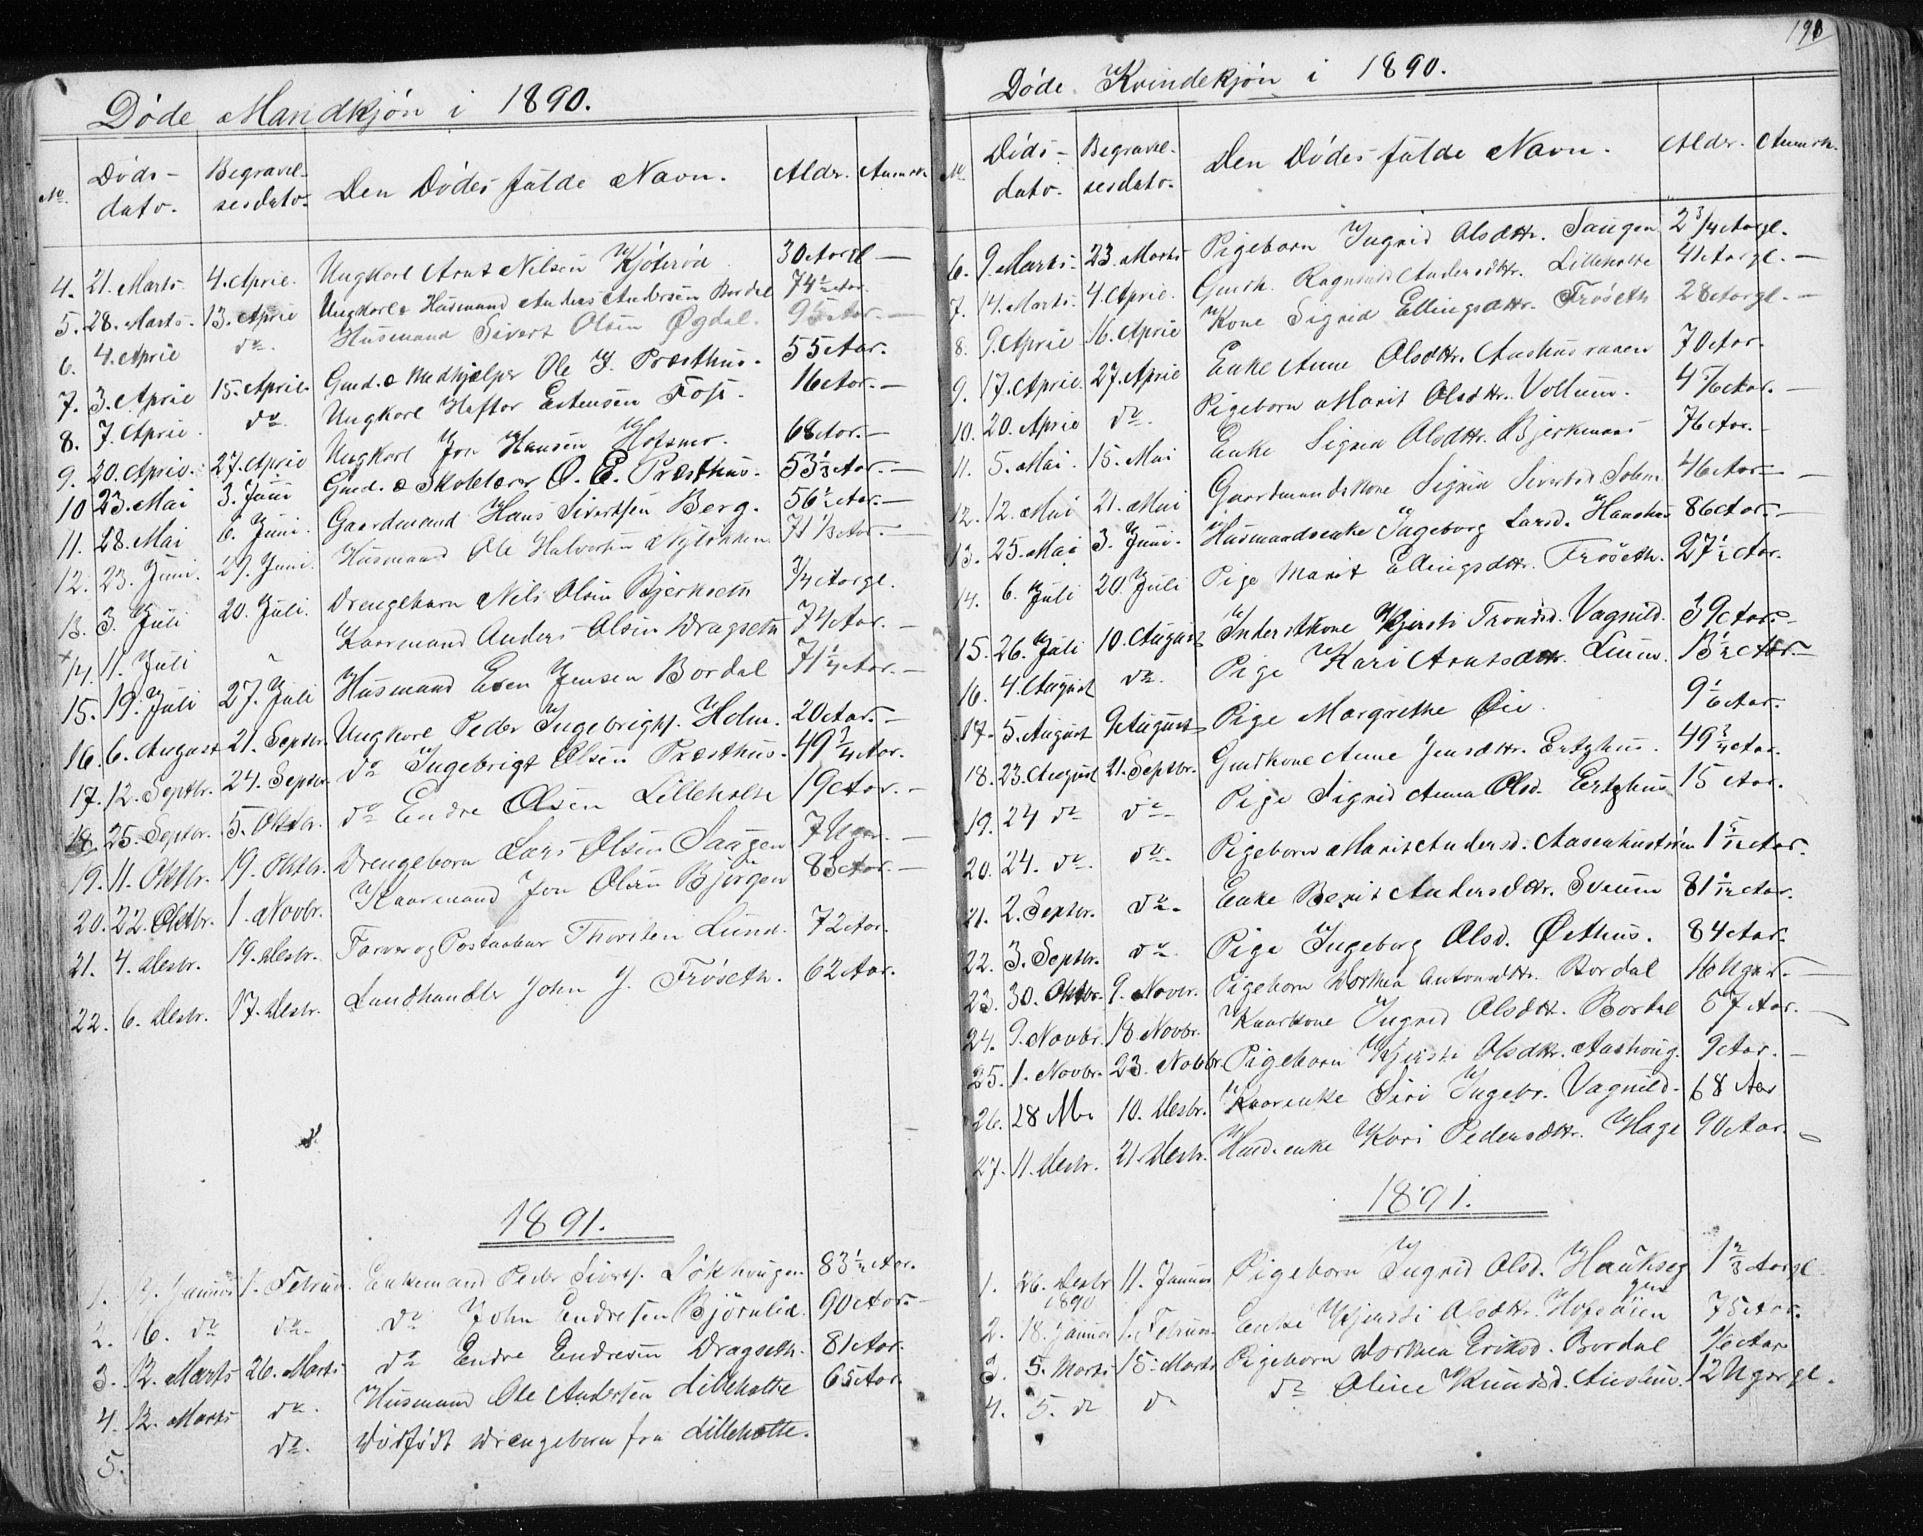 SAT, Ministerialprotokoller, klokkerbøker og fødselsregistre - Sør-Trøndelag, 689/L1043: Klokkerbok nr. 689C02, 1816-1892, s. 198